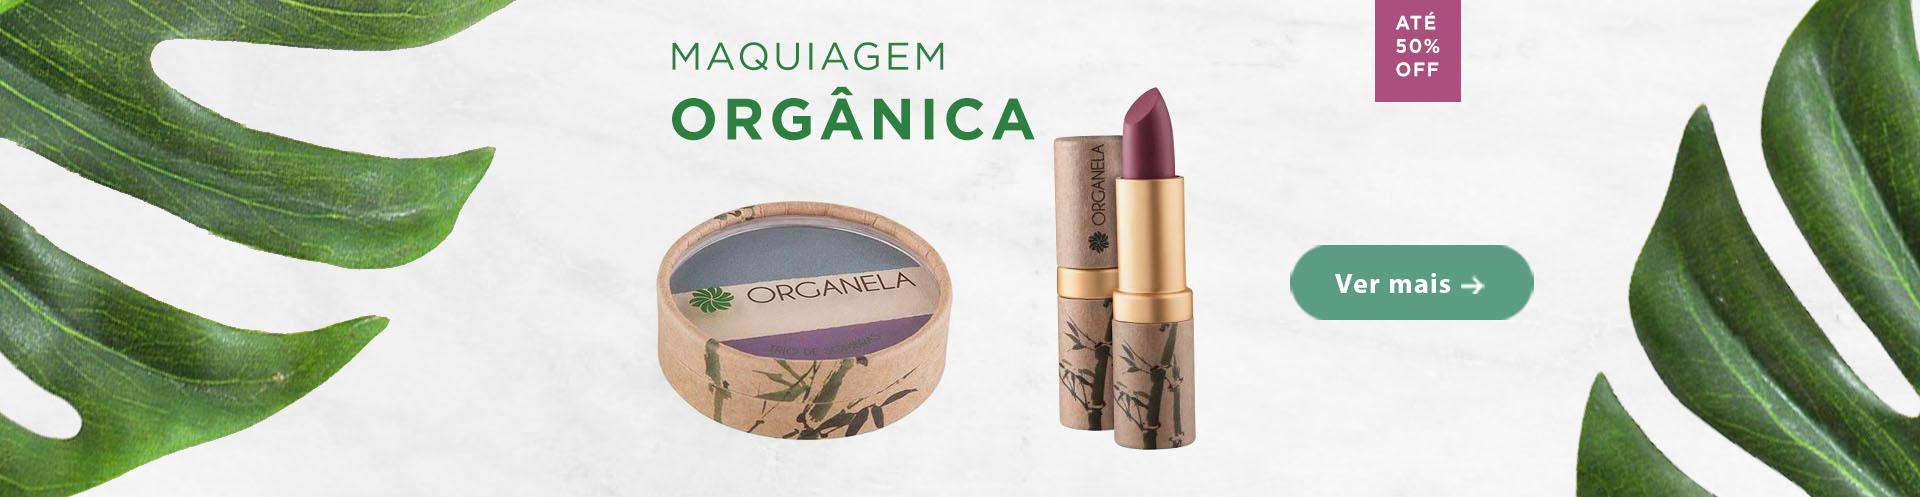 Maquiagens orgânicas